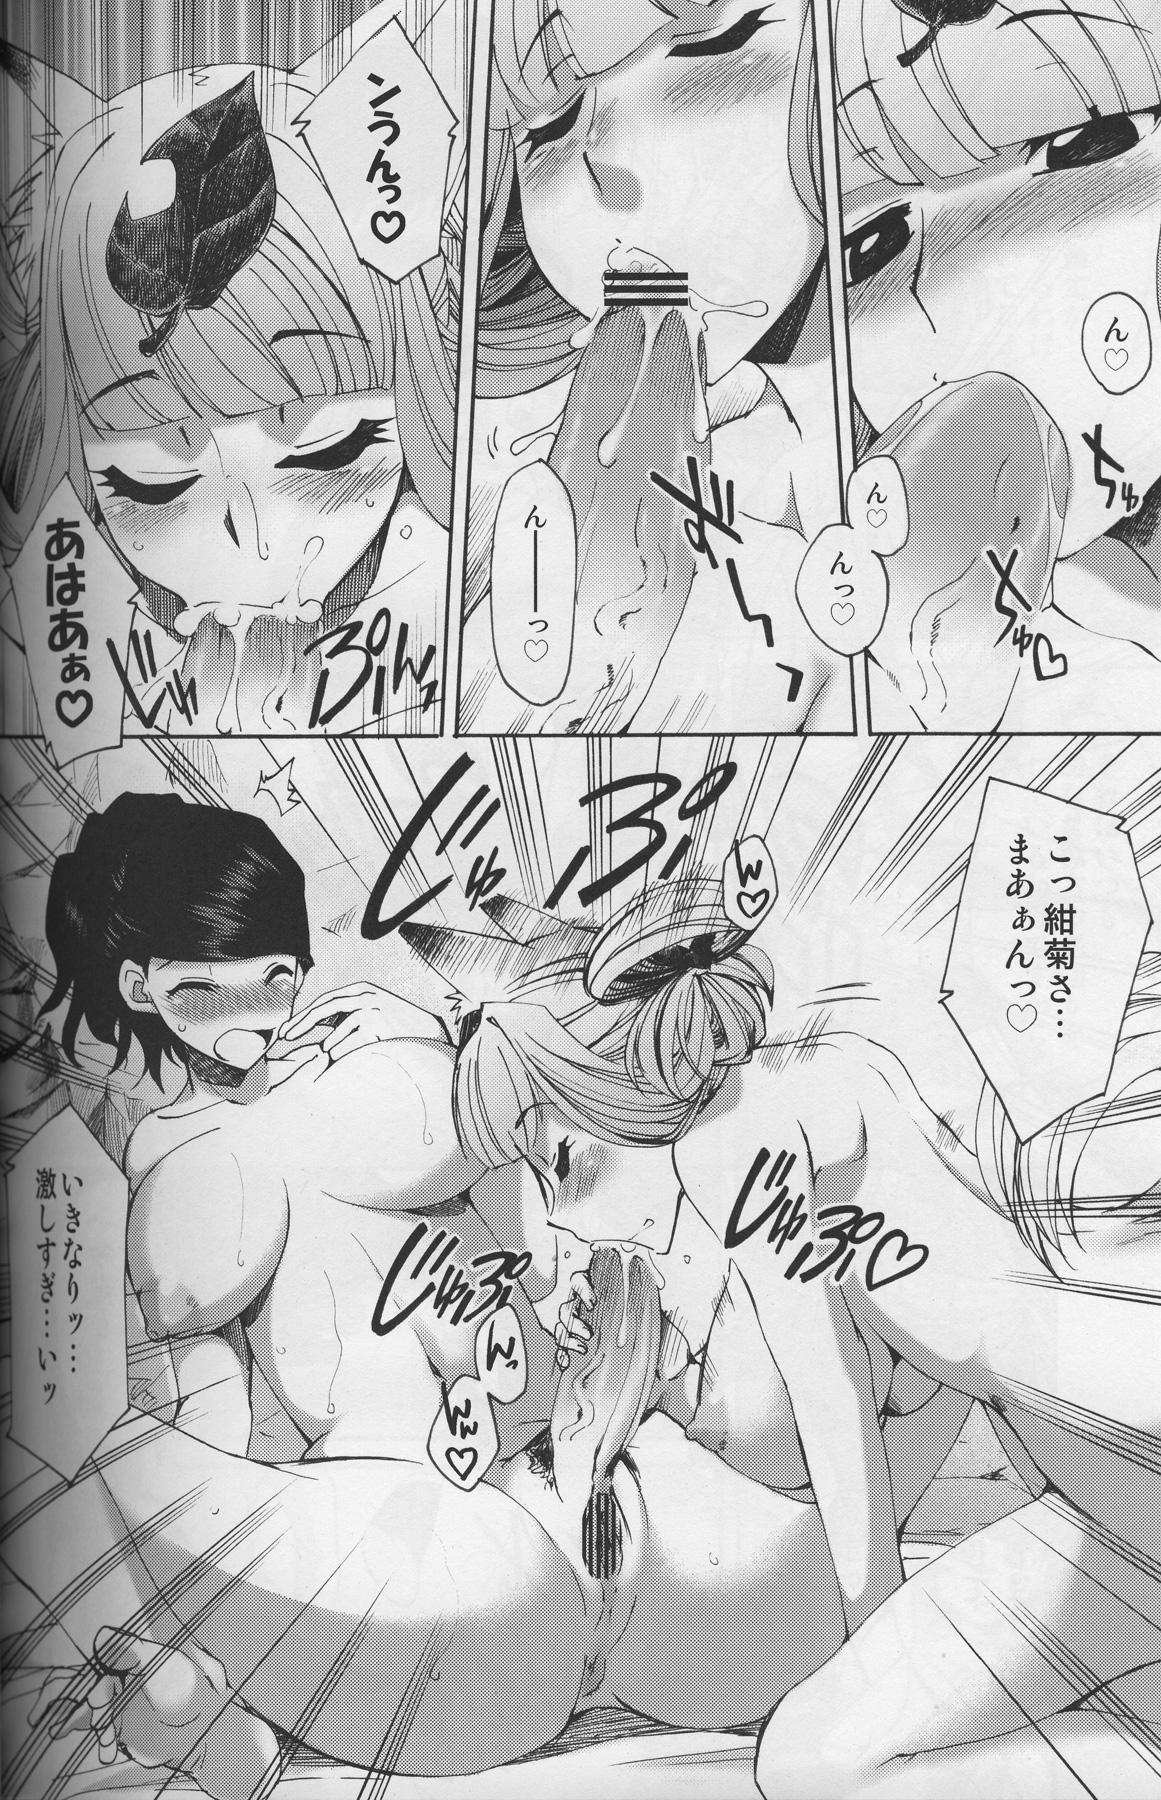 Komakasugite Tsutawaranai Ero Doujin Senshuken Haru no Nijikan SPECIAL 34